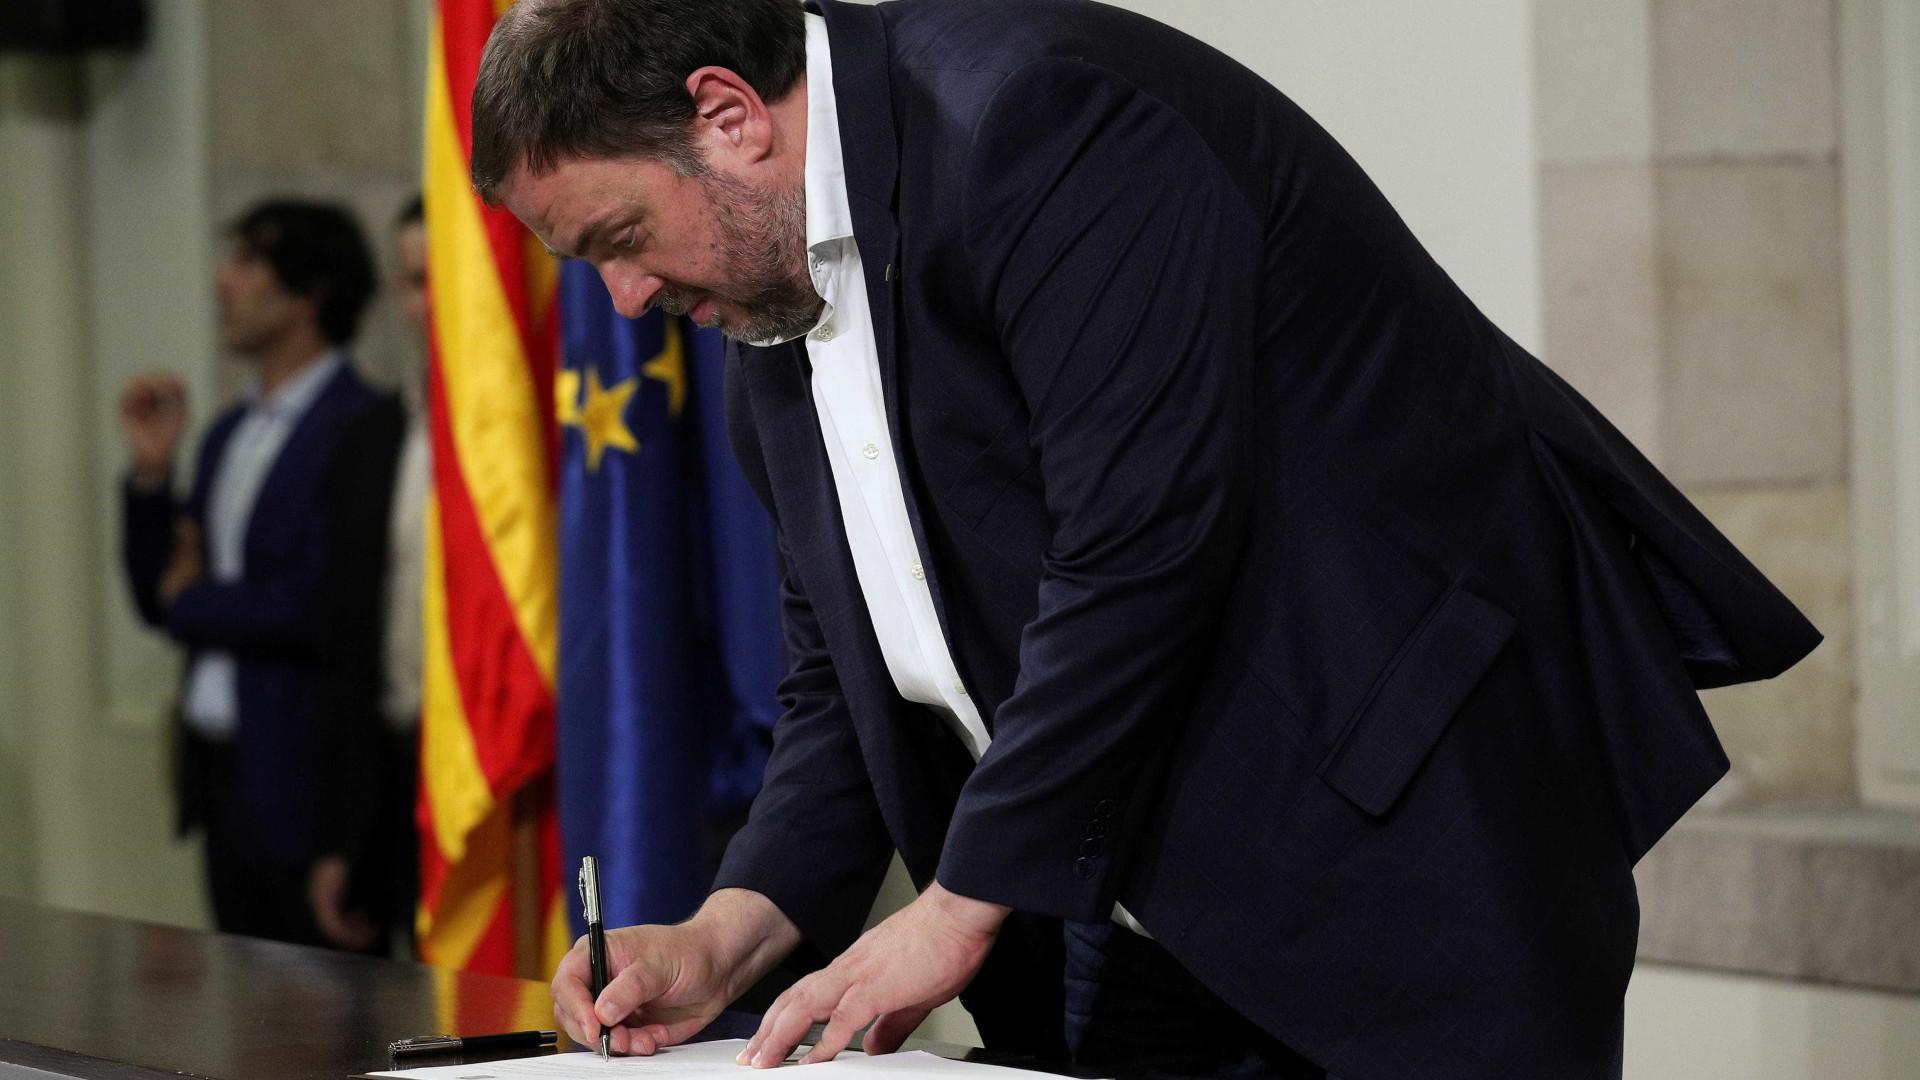 Justiça da Espanha decreta prisão de líderes da Catalunha